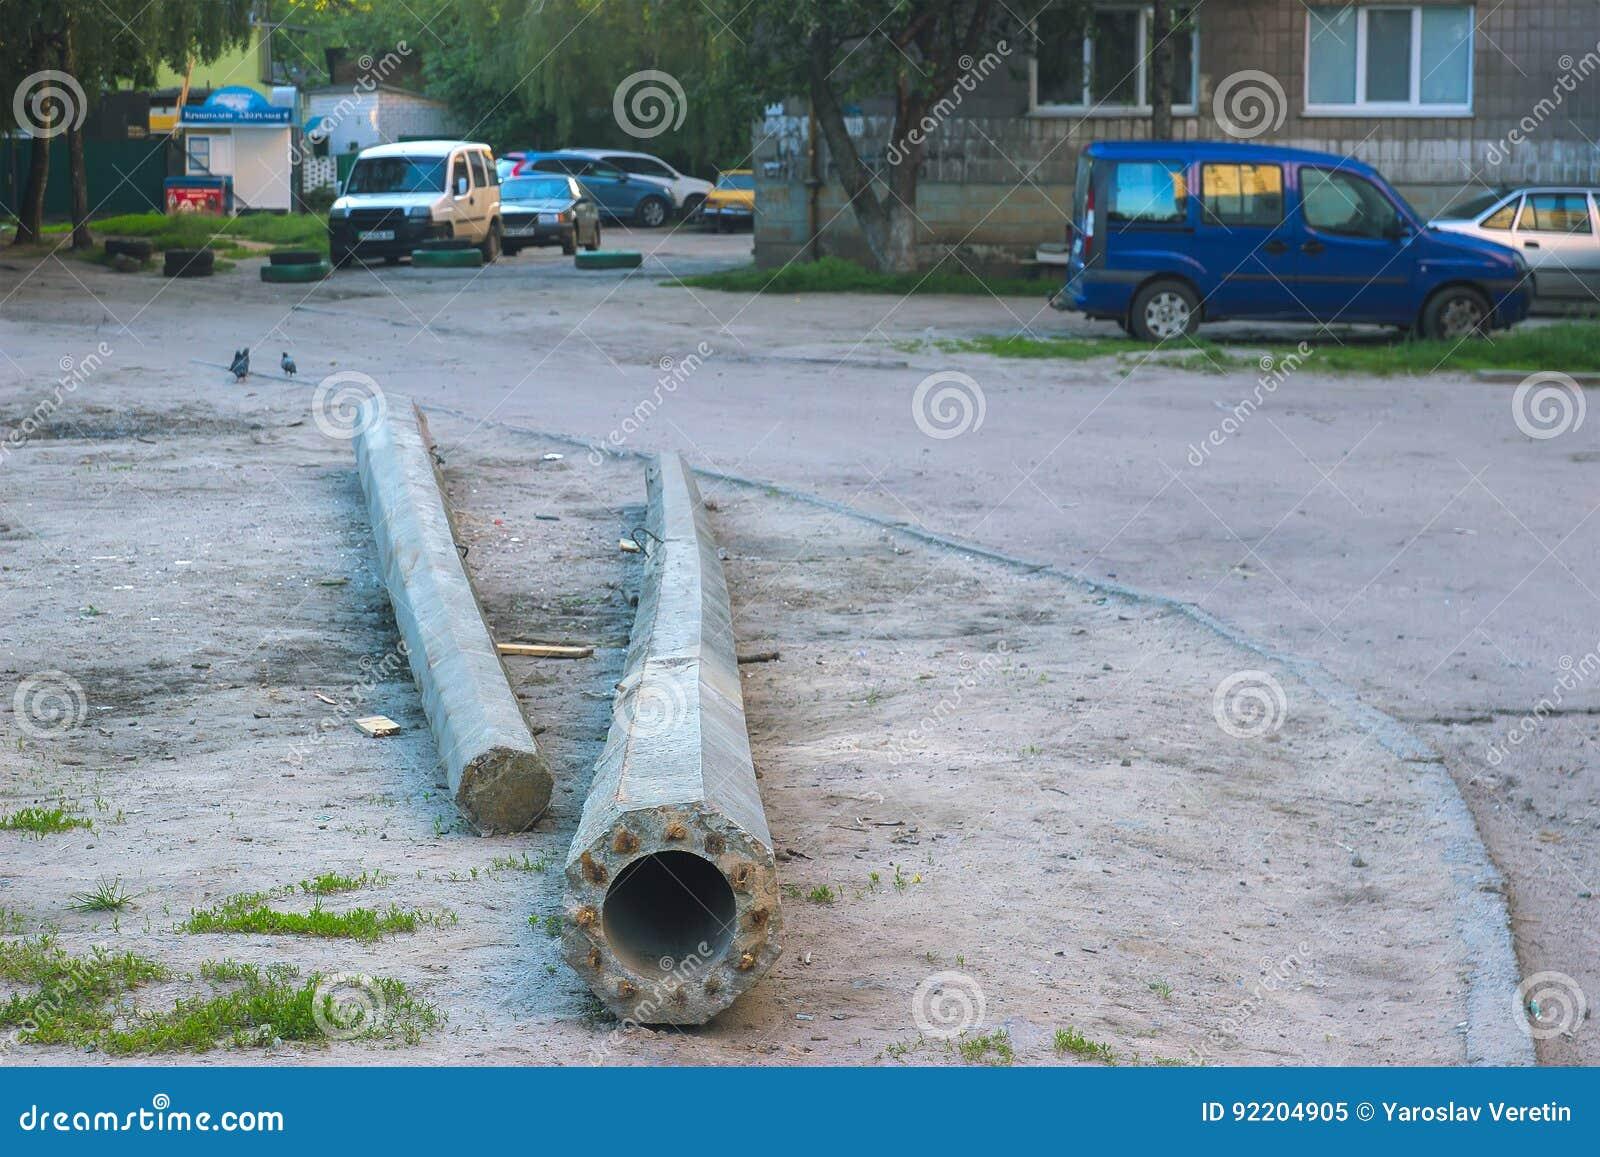 Unfall Auf Der Straße Und Dem Defekten Pfosten Stockbild - Bild von ...